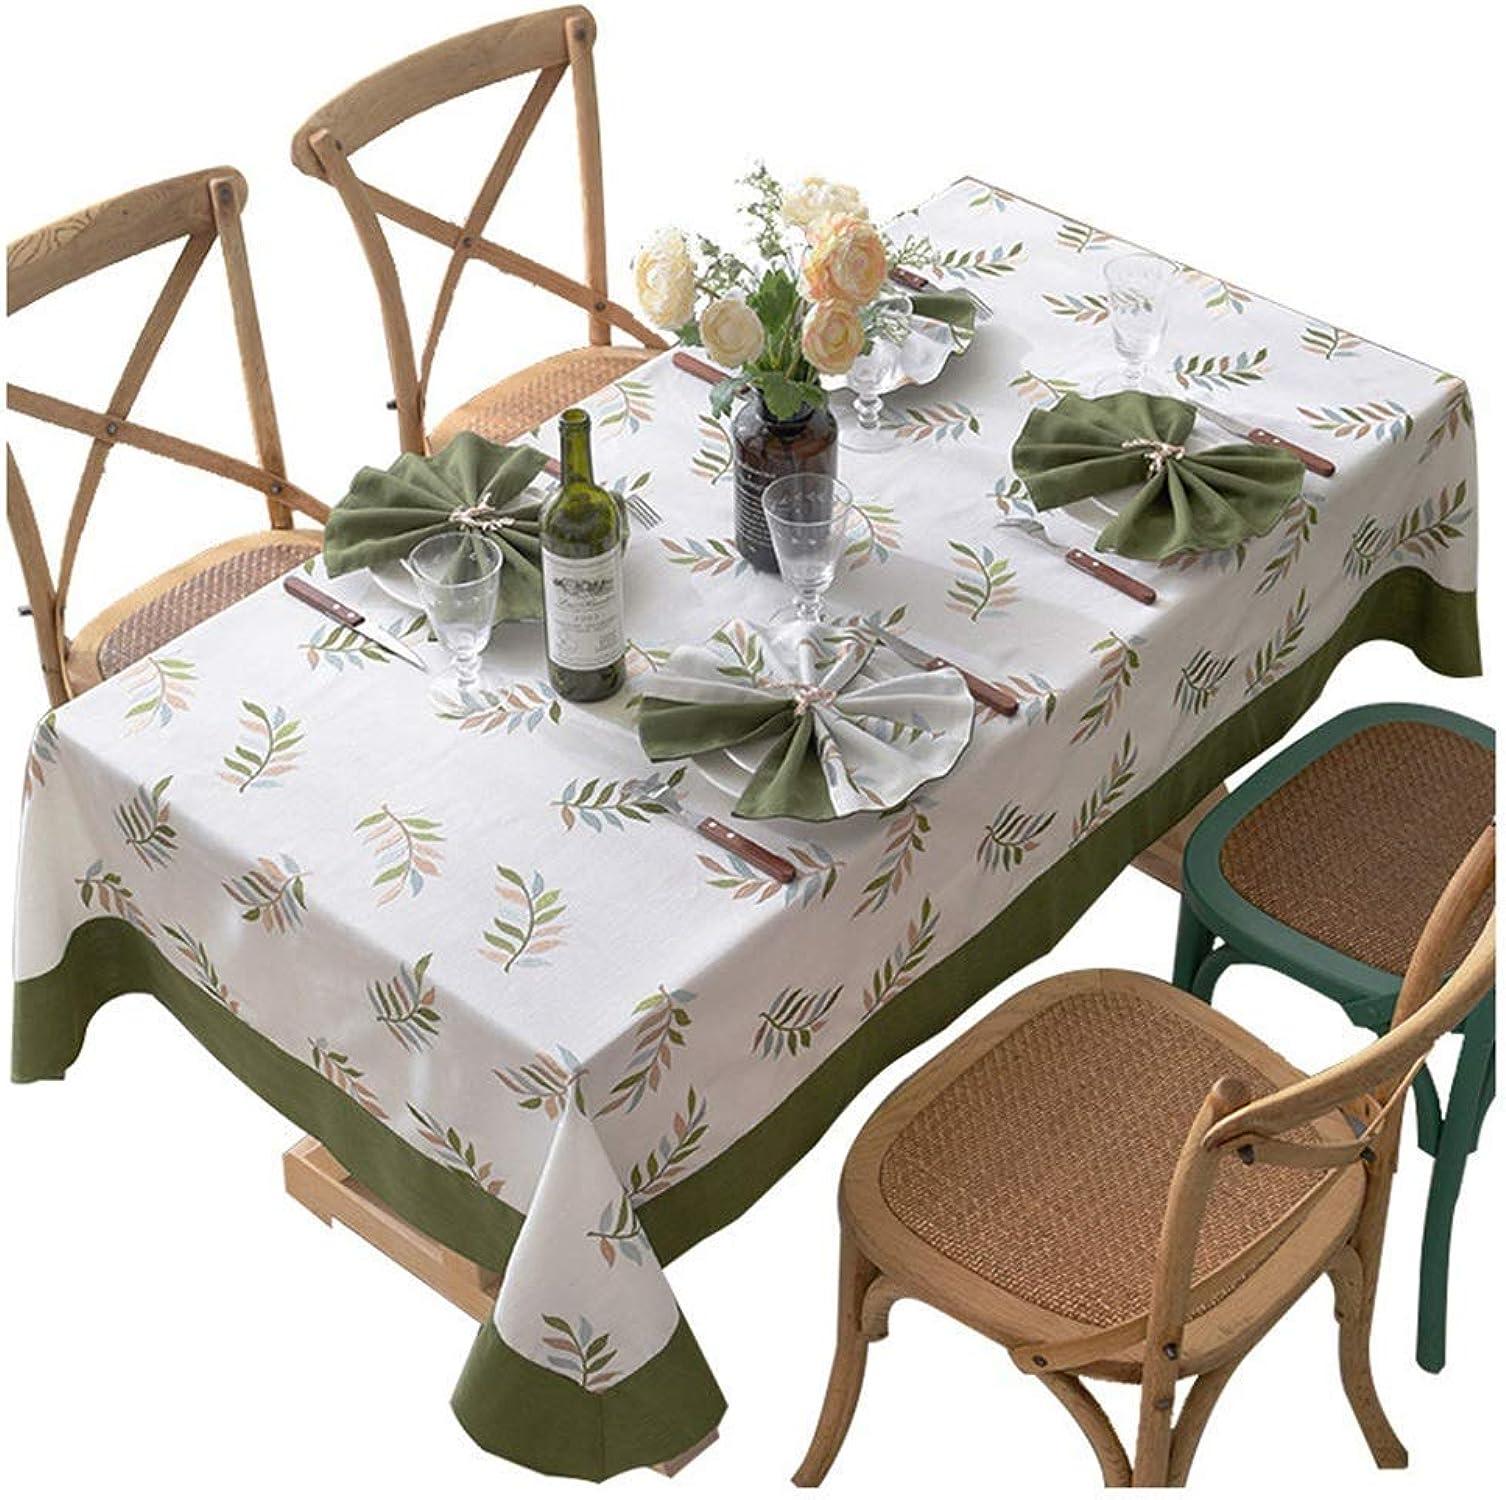 WENYAO Nappe - Nappe de Pays Américain Nappe de Table Rectangulaire Restaurant Table Basse Plante Fleur Motif Décoration de Table Tissu (Taille  110x170cm)